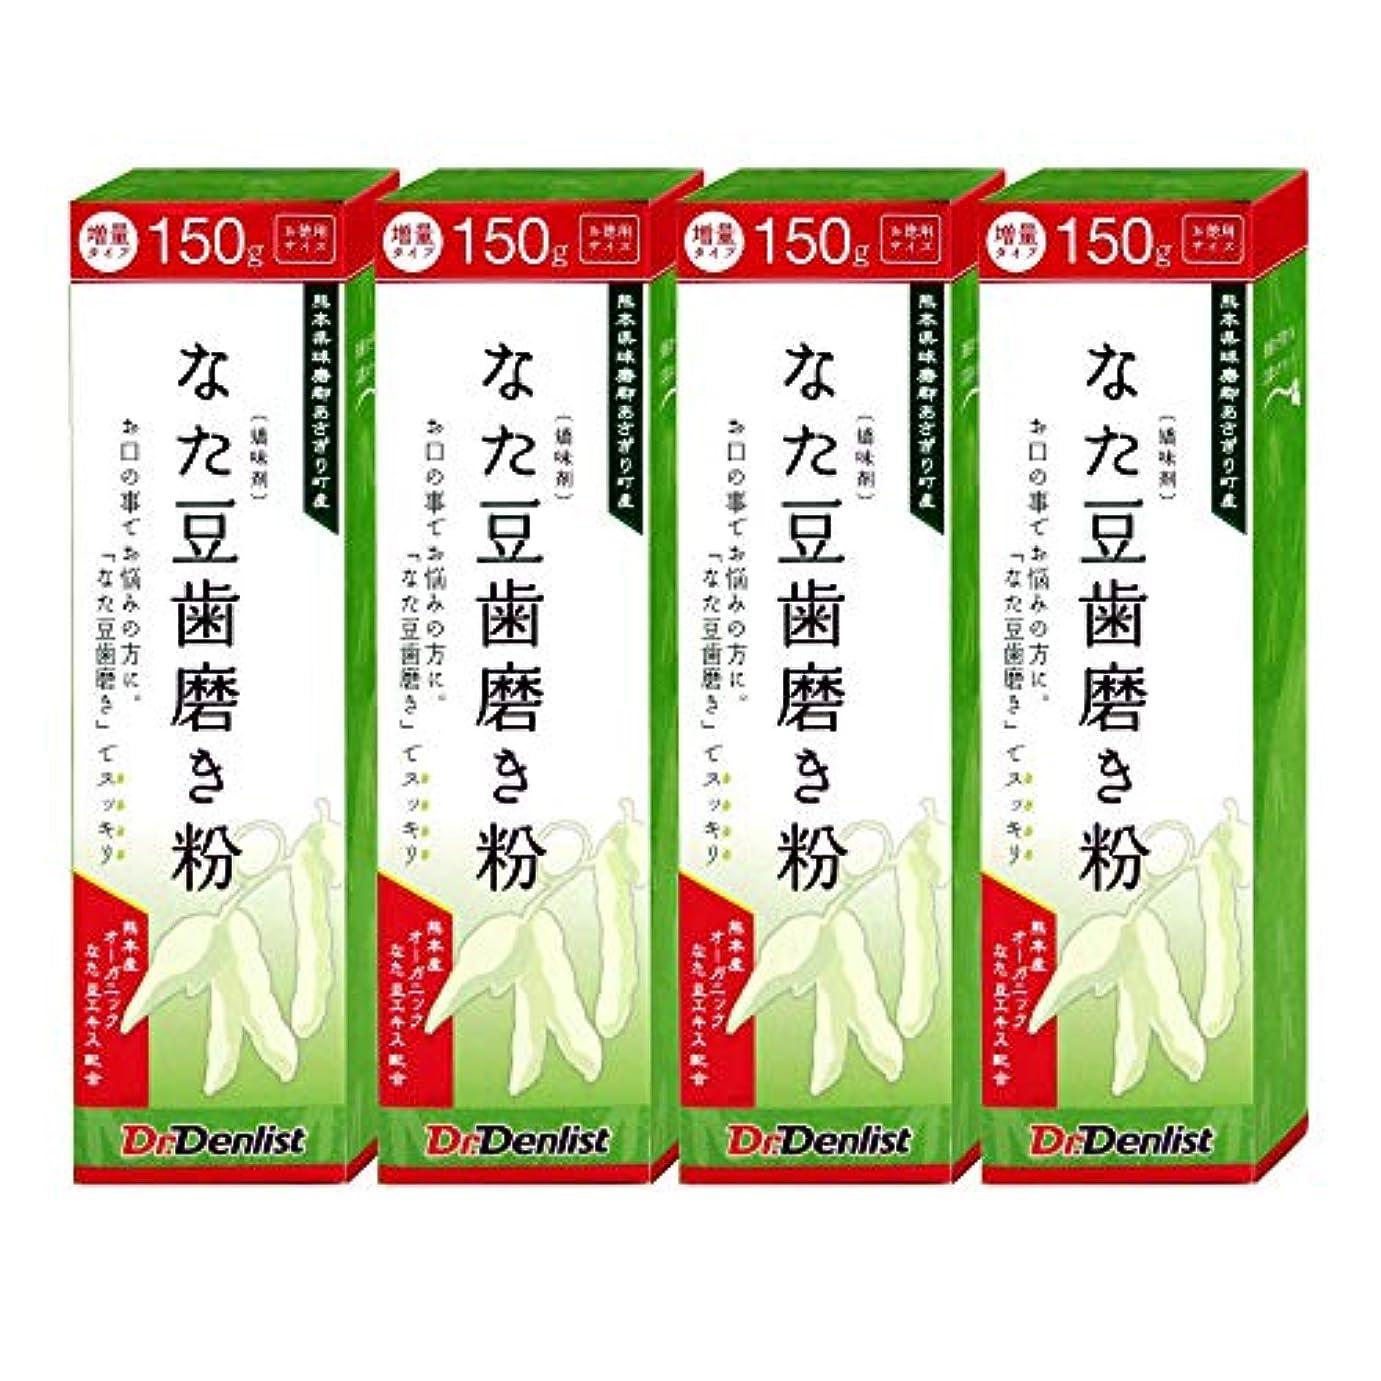 フラップ高める果てしないDrDenlist なた豆歯磨き粉 150g 4本セット 熊本県球磨郡あさぎり町産